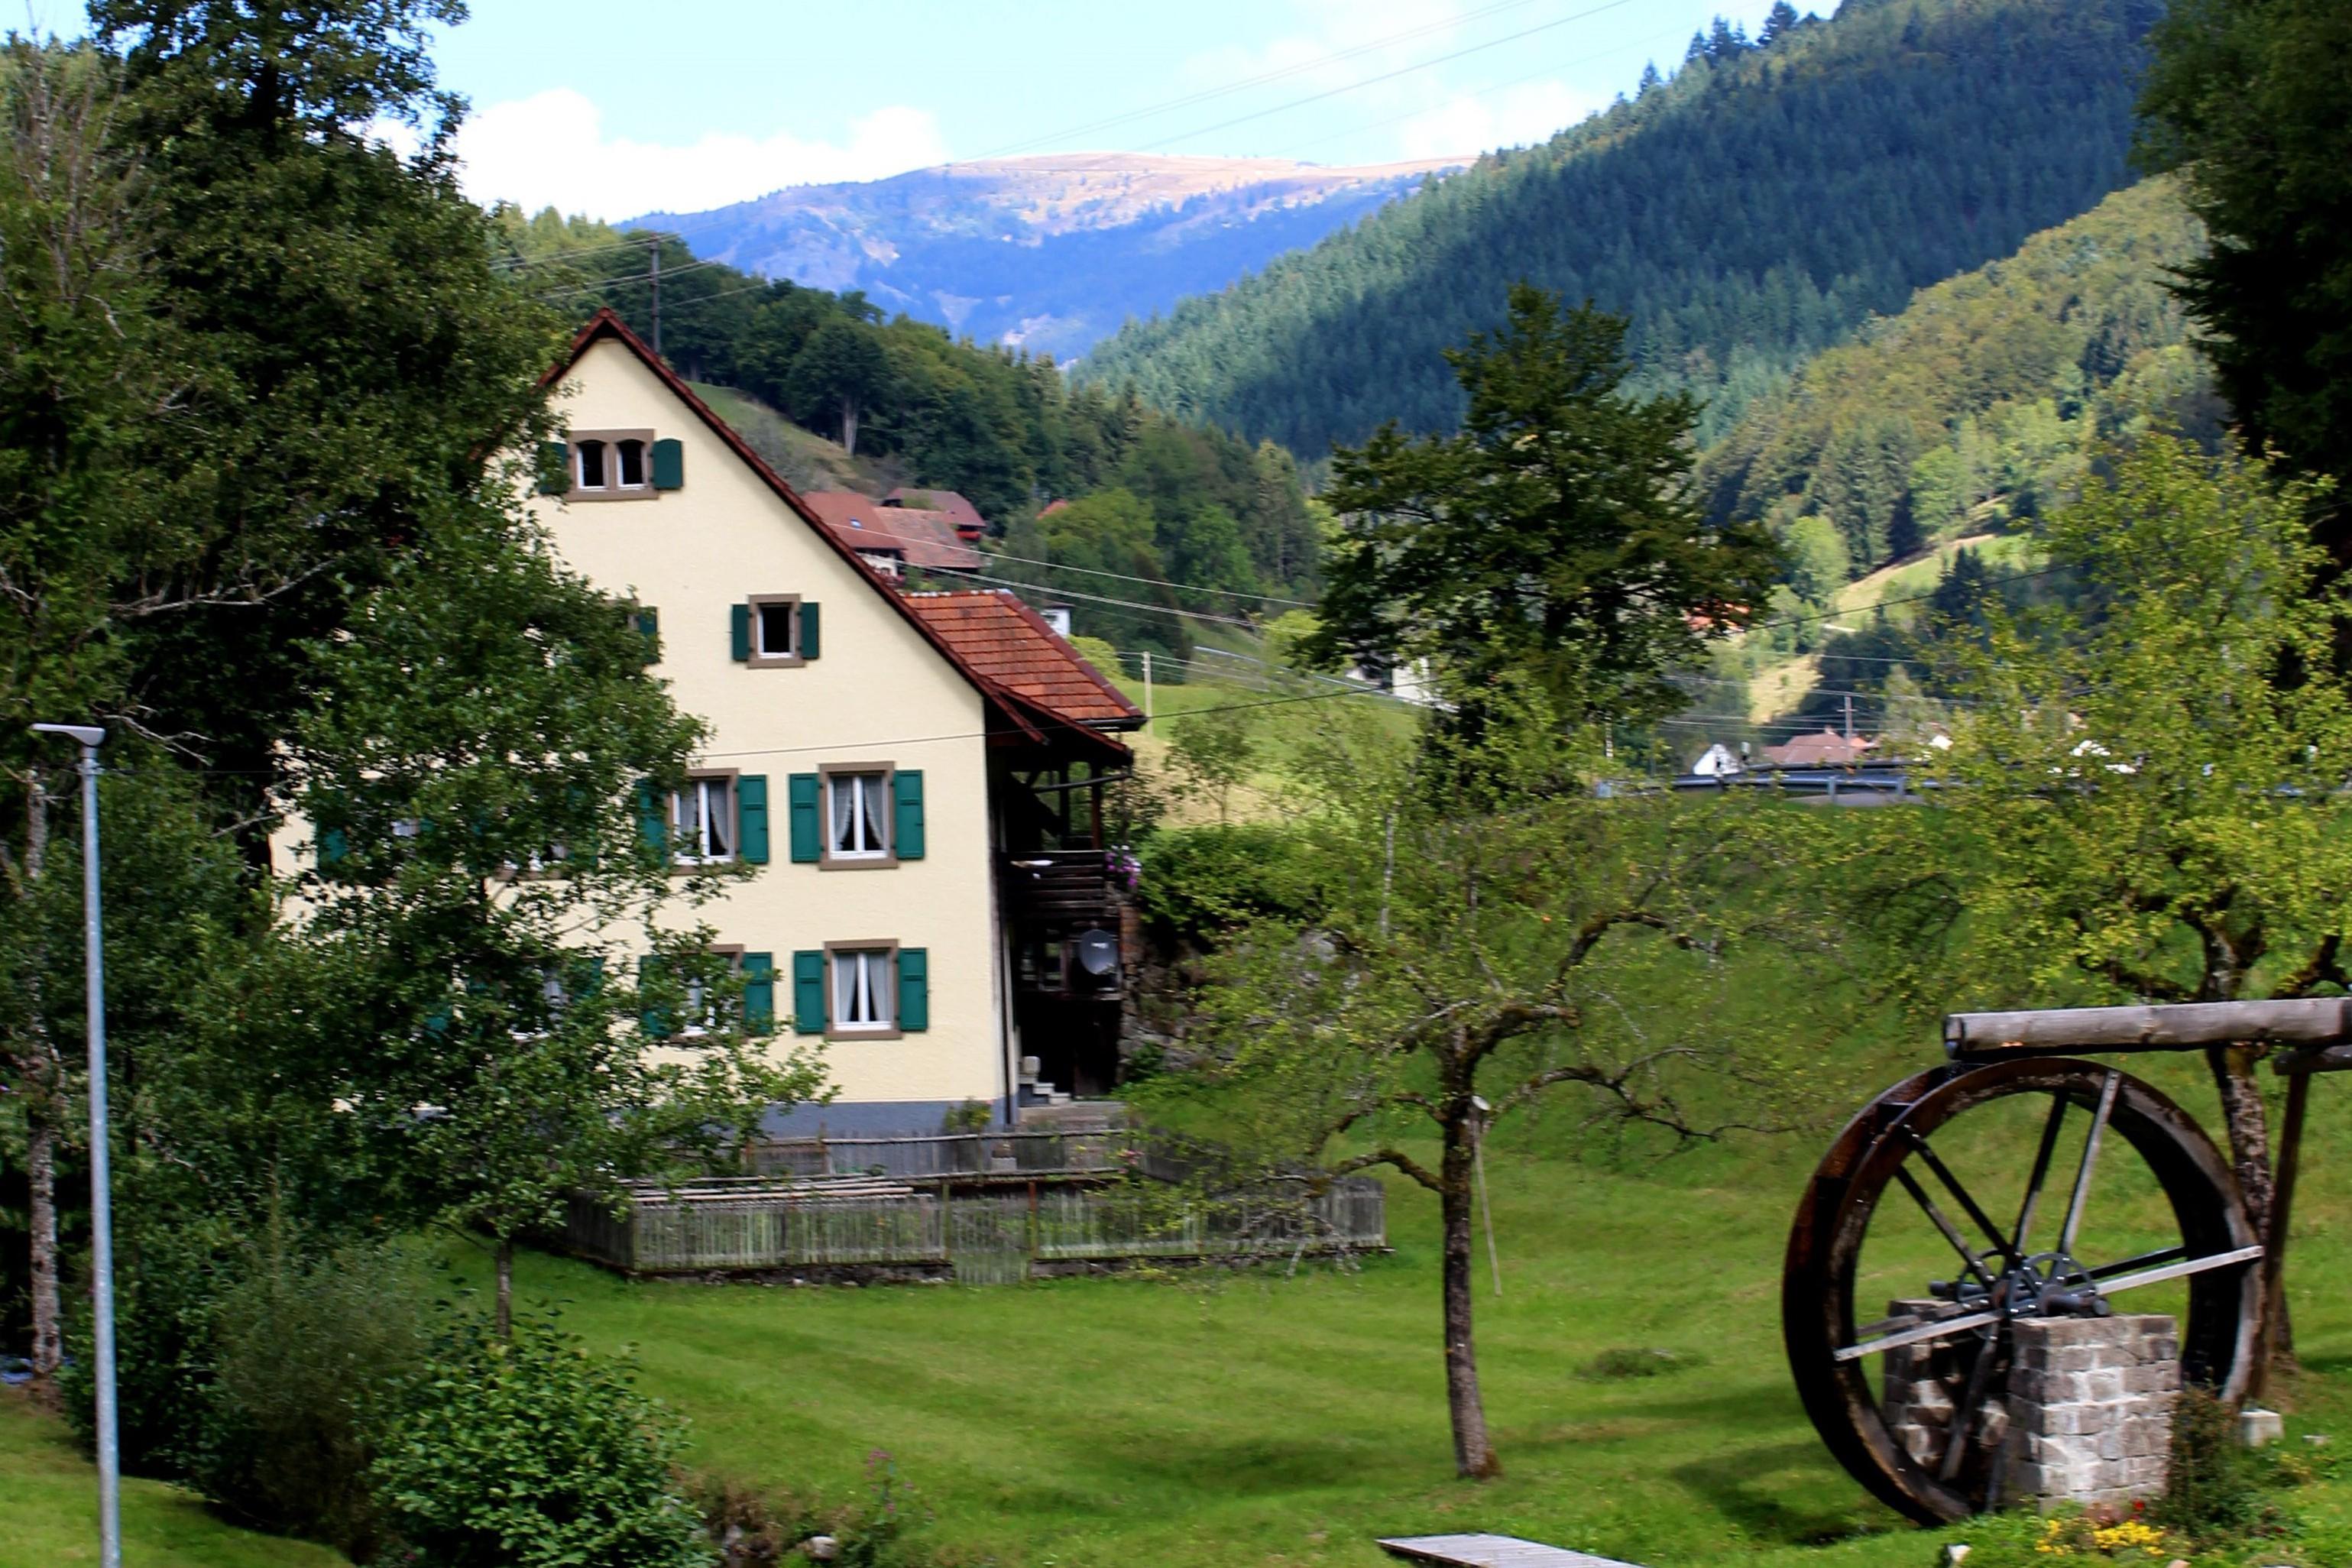 Kleines Wiesental-Bürchau mit Mühlrad